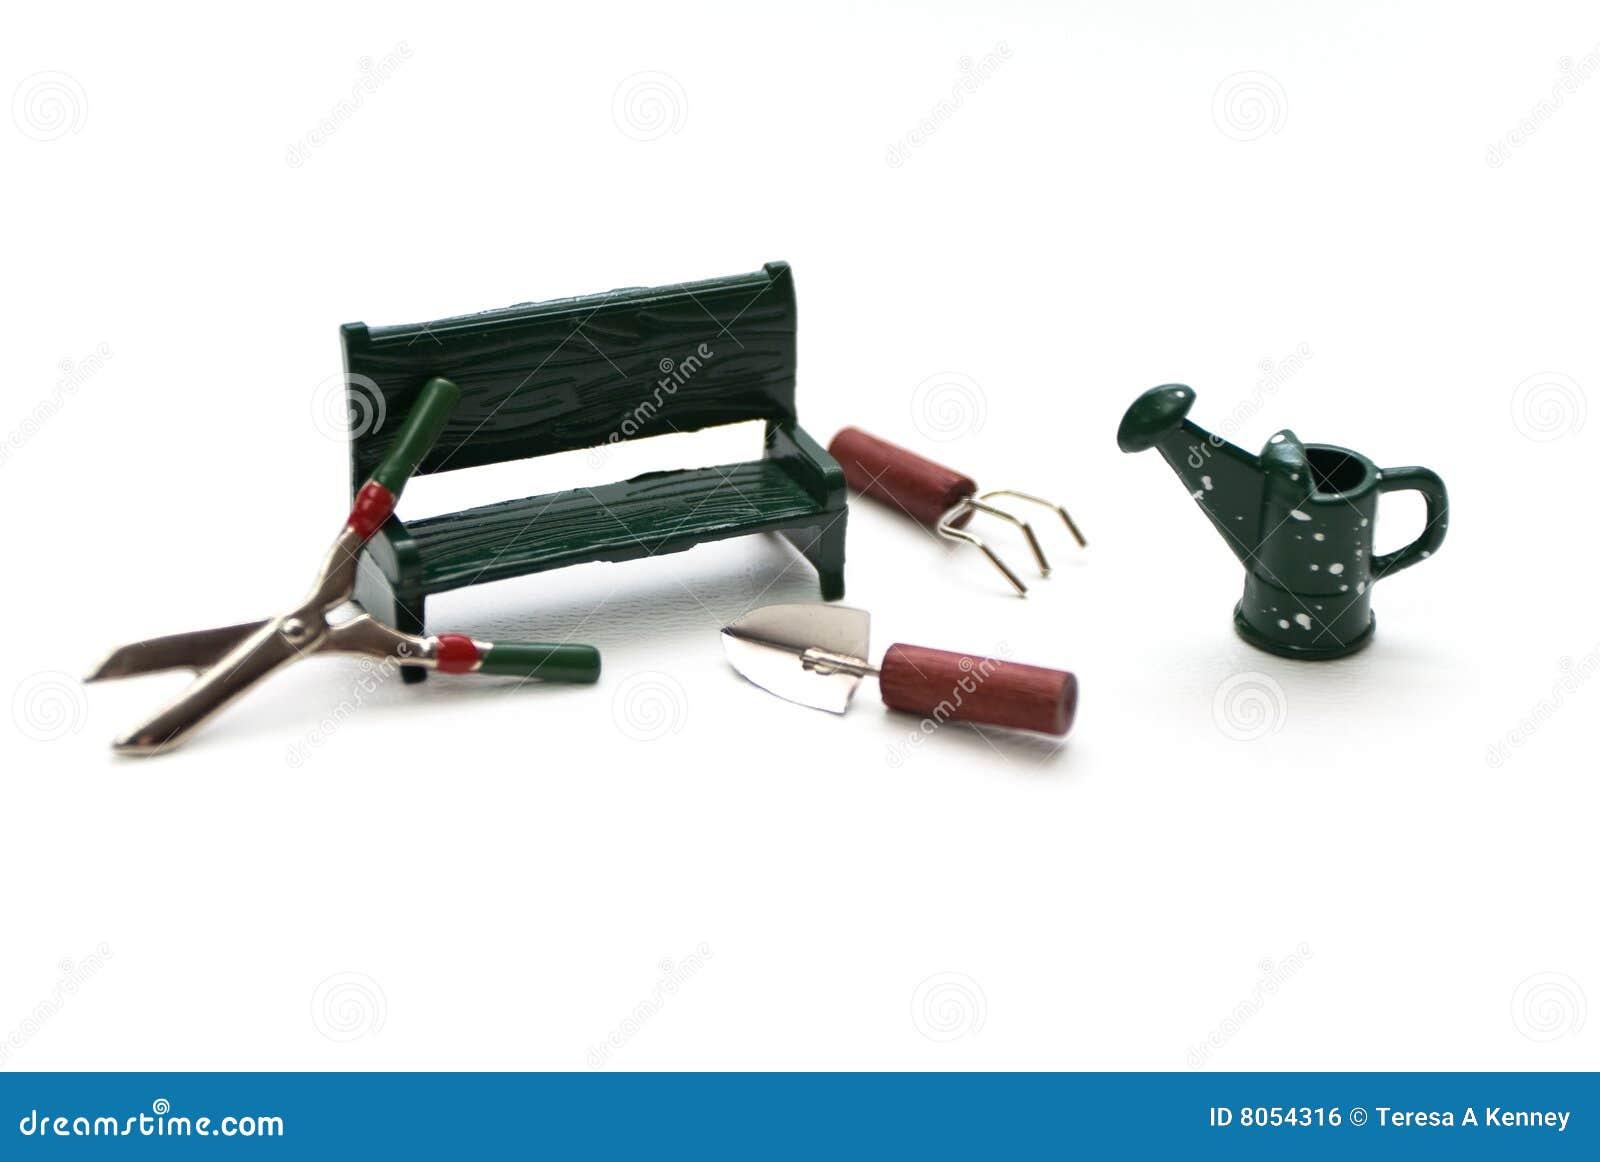 Herramientas de jard n miniatura imagen de archivo libre for Todo jardin herramientas